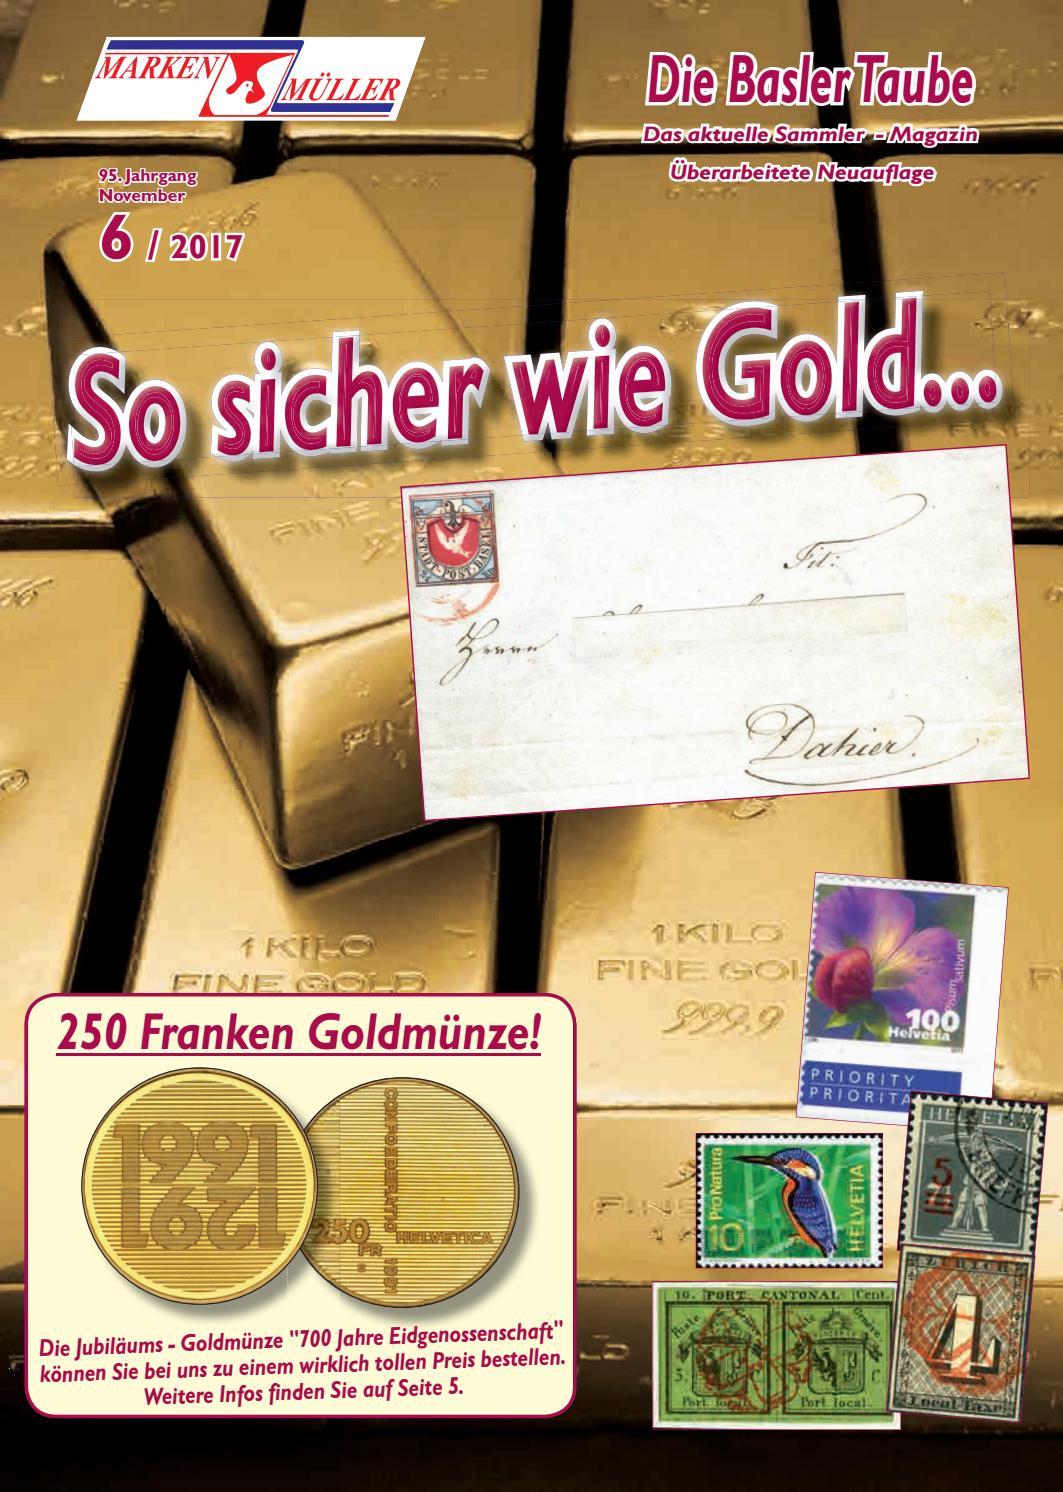 Einschreiben Nach Genf Mit Inhalt Niedriger Preis Schlussverkauf 1915